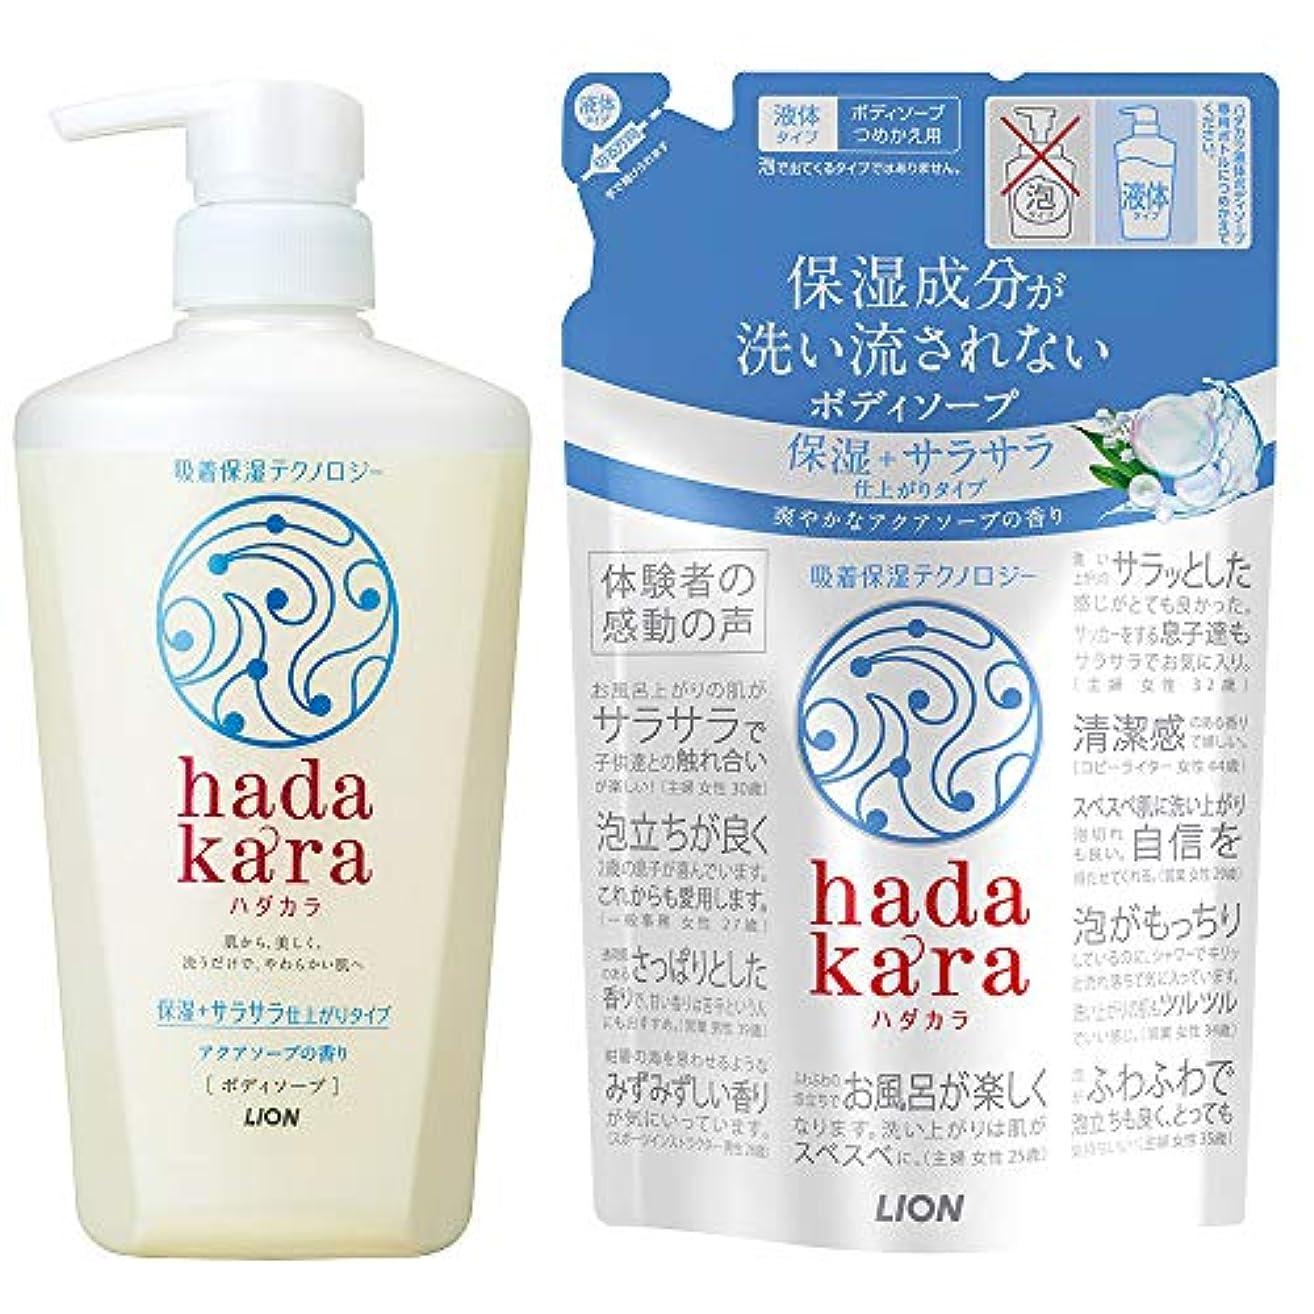 スワップ新しさ章hadakara(ハダカラ)ボディソープ 保湿+サラサラ仕上がりタイプ アクアソープの香り 本体 480ml + つめかえ 340ml